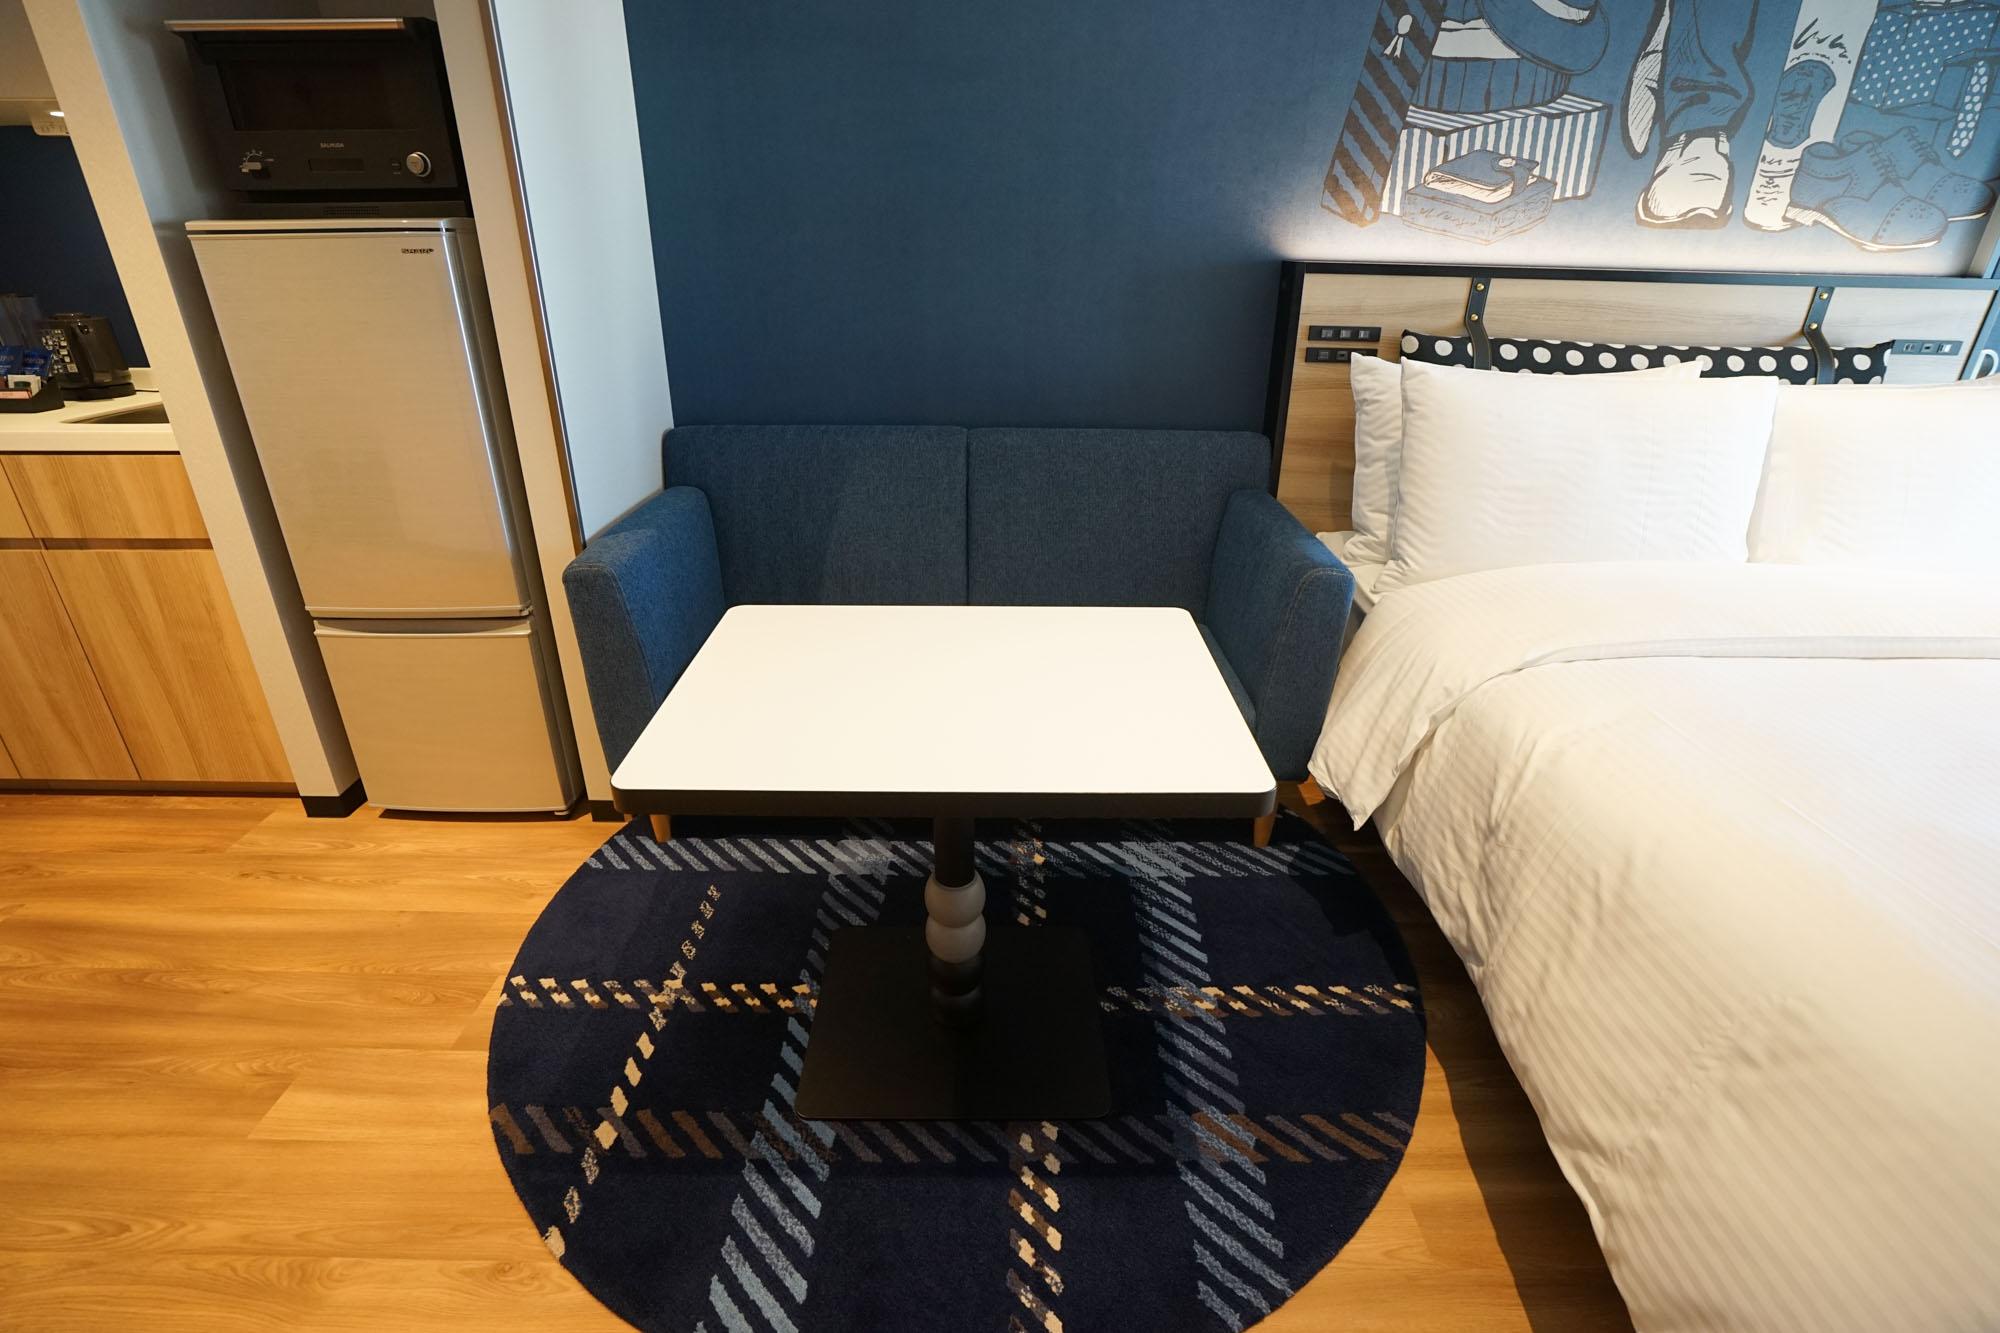 2シーターの大きなソファもついています。こちらのテーブルも、高さがあり広いので、仕事や食事にもゆとりをもって使えます。お二人で利用する場合にも、デスクとソファでそれぞれ居場所ができるので、良さそうです。